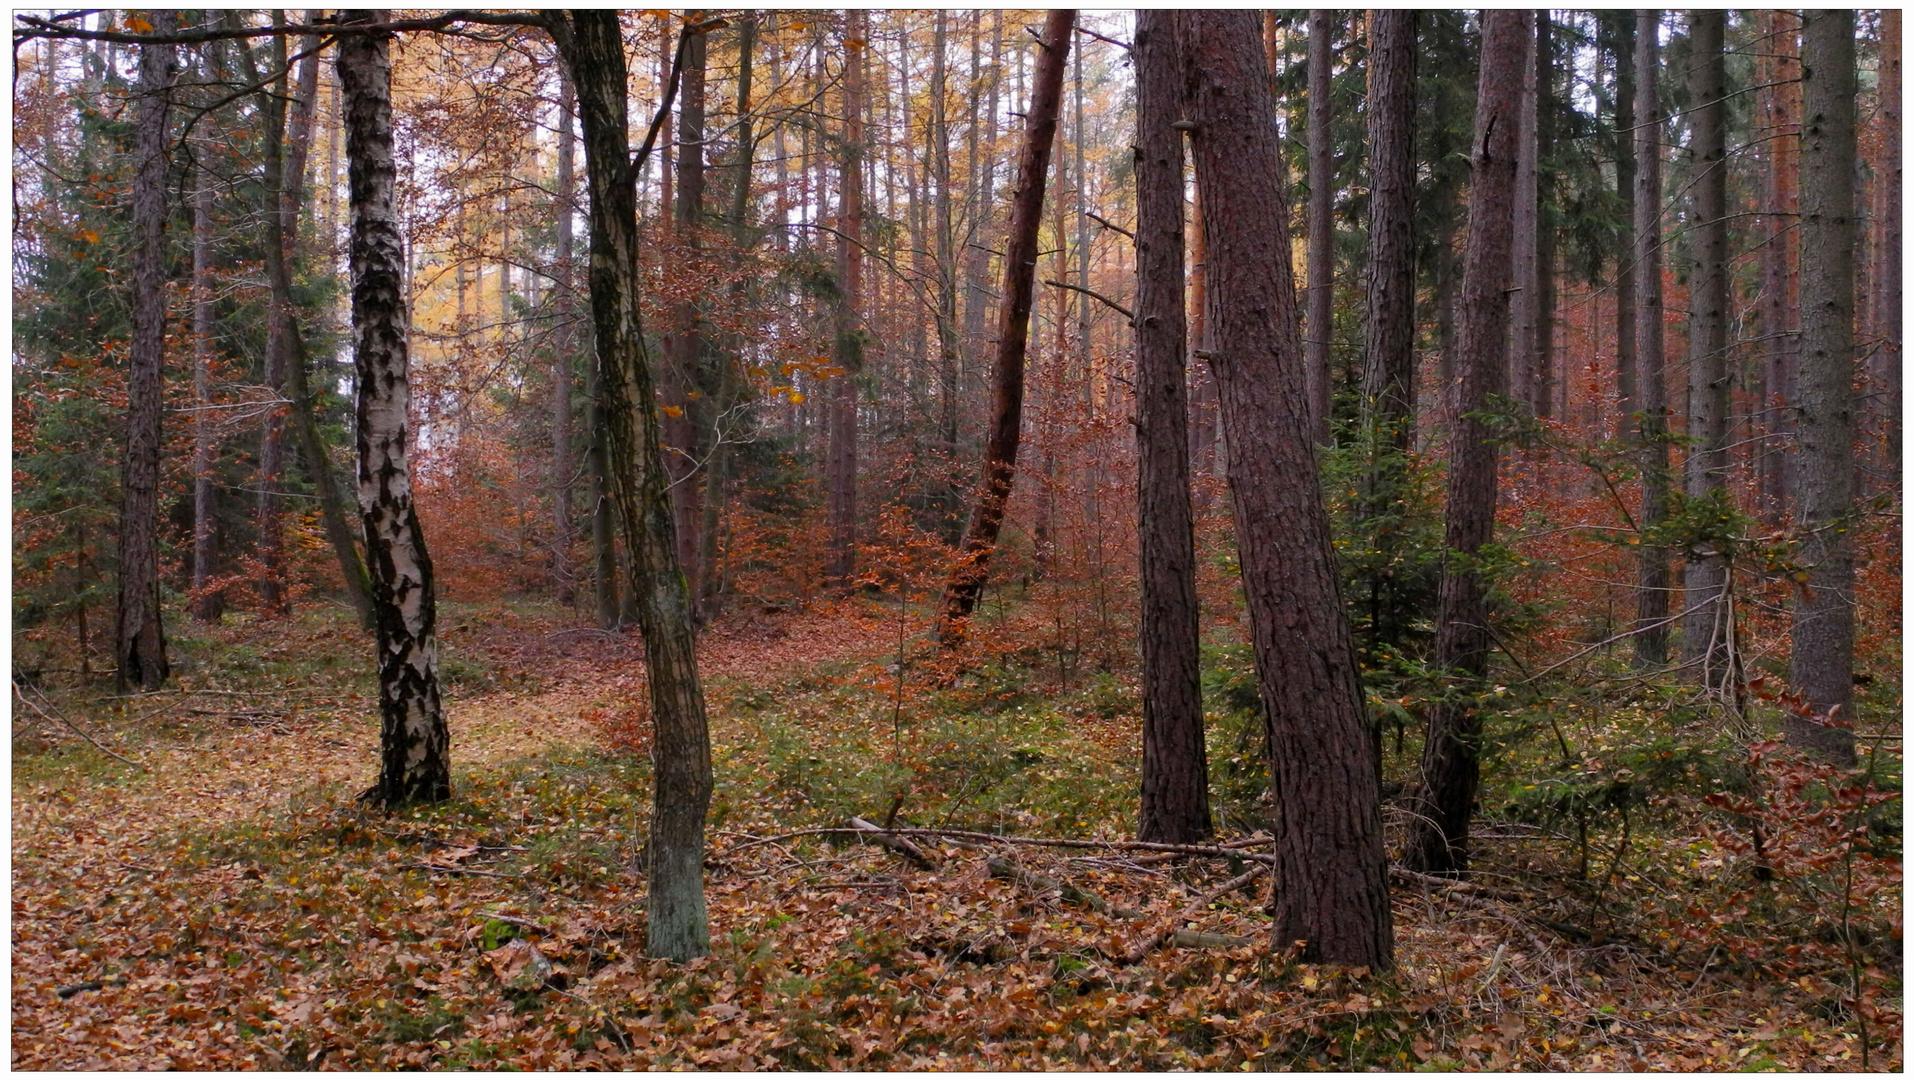 Die intensiven Farben des Novembers (los colores intensivos del noviembre)